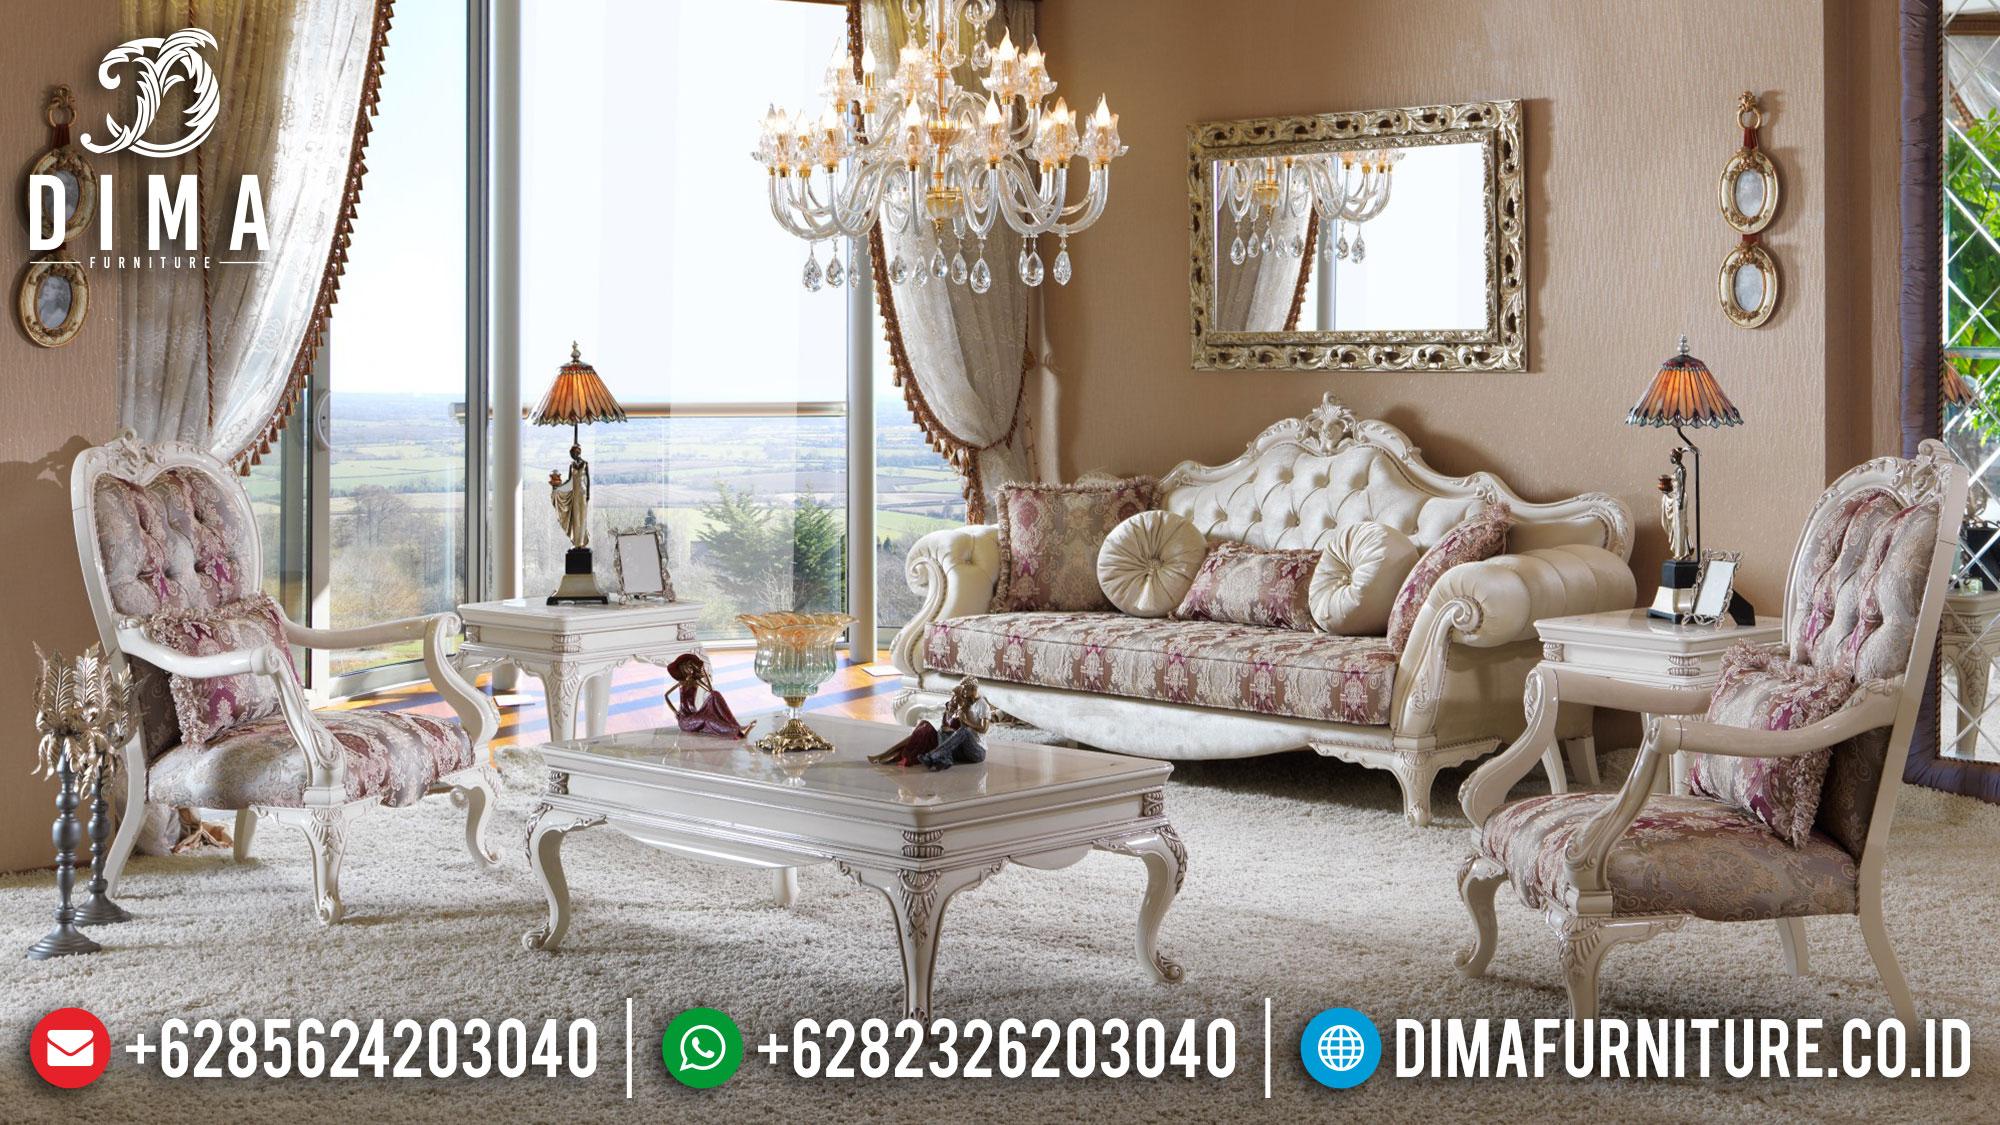 Big Sale Sofa Tamu Mewah Luxury Classic Furniture Jepara Terbaru Mm-0914